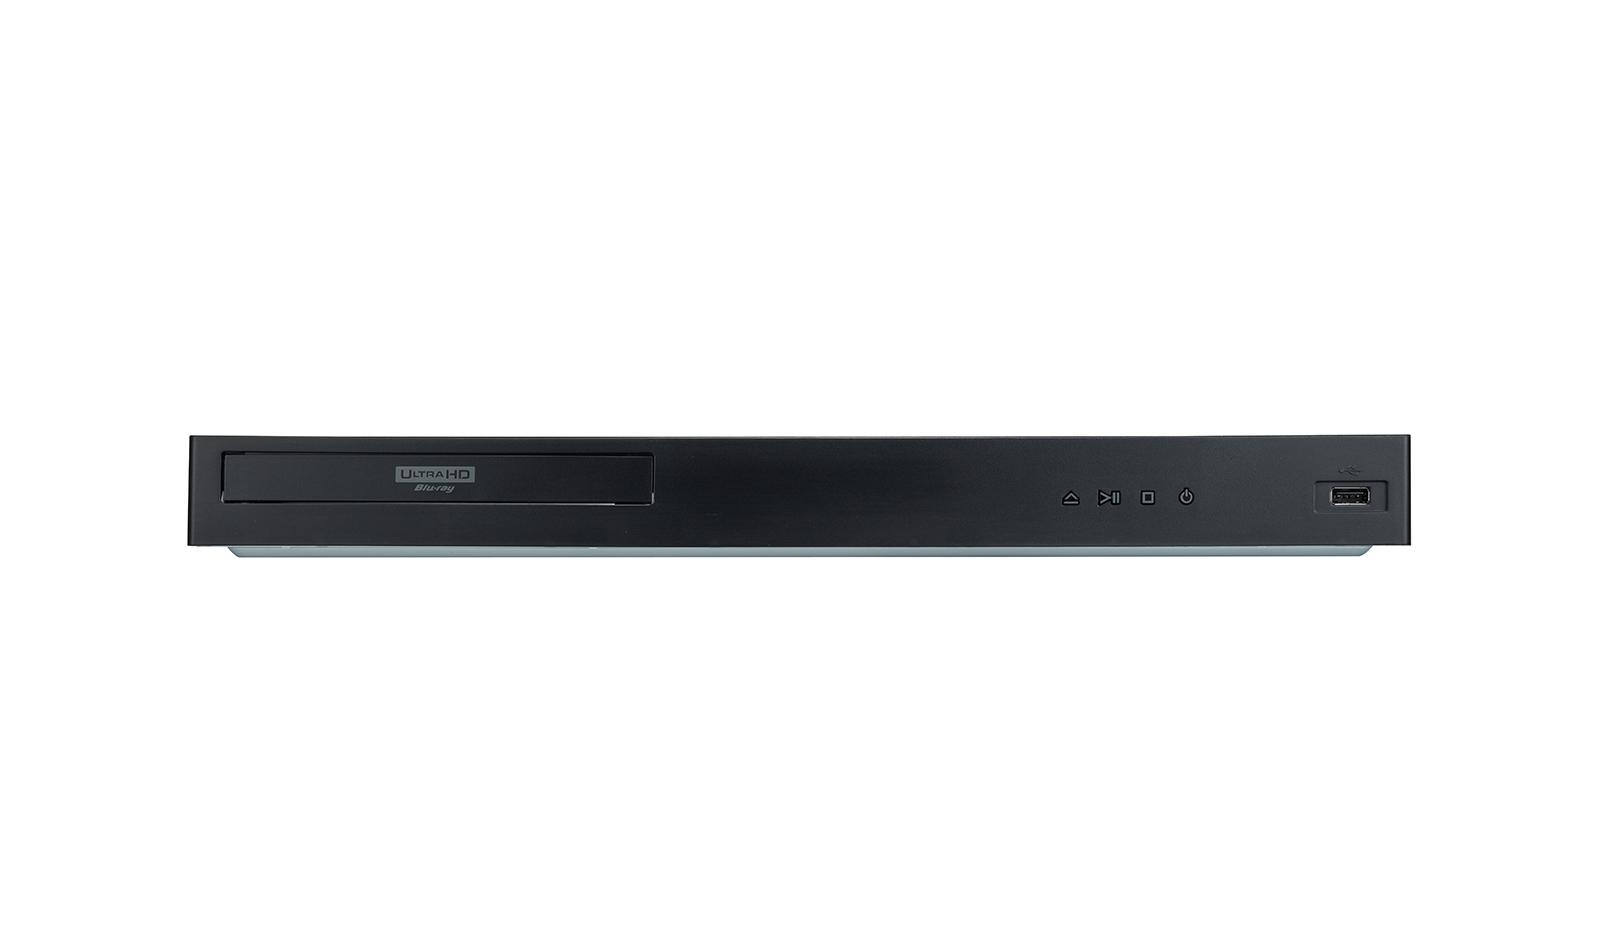 Riproduttore DVD LG UBK80 4K USB HDMI Nero